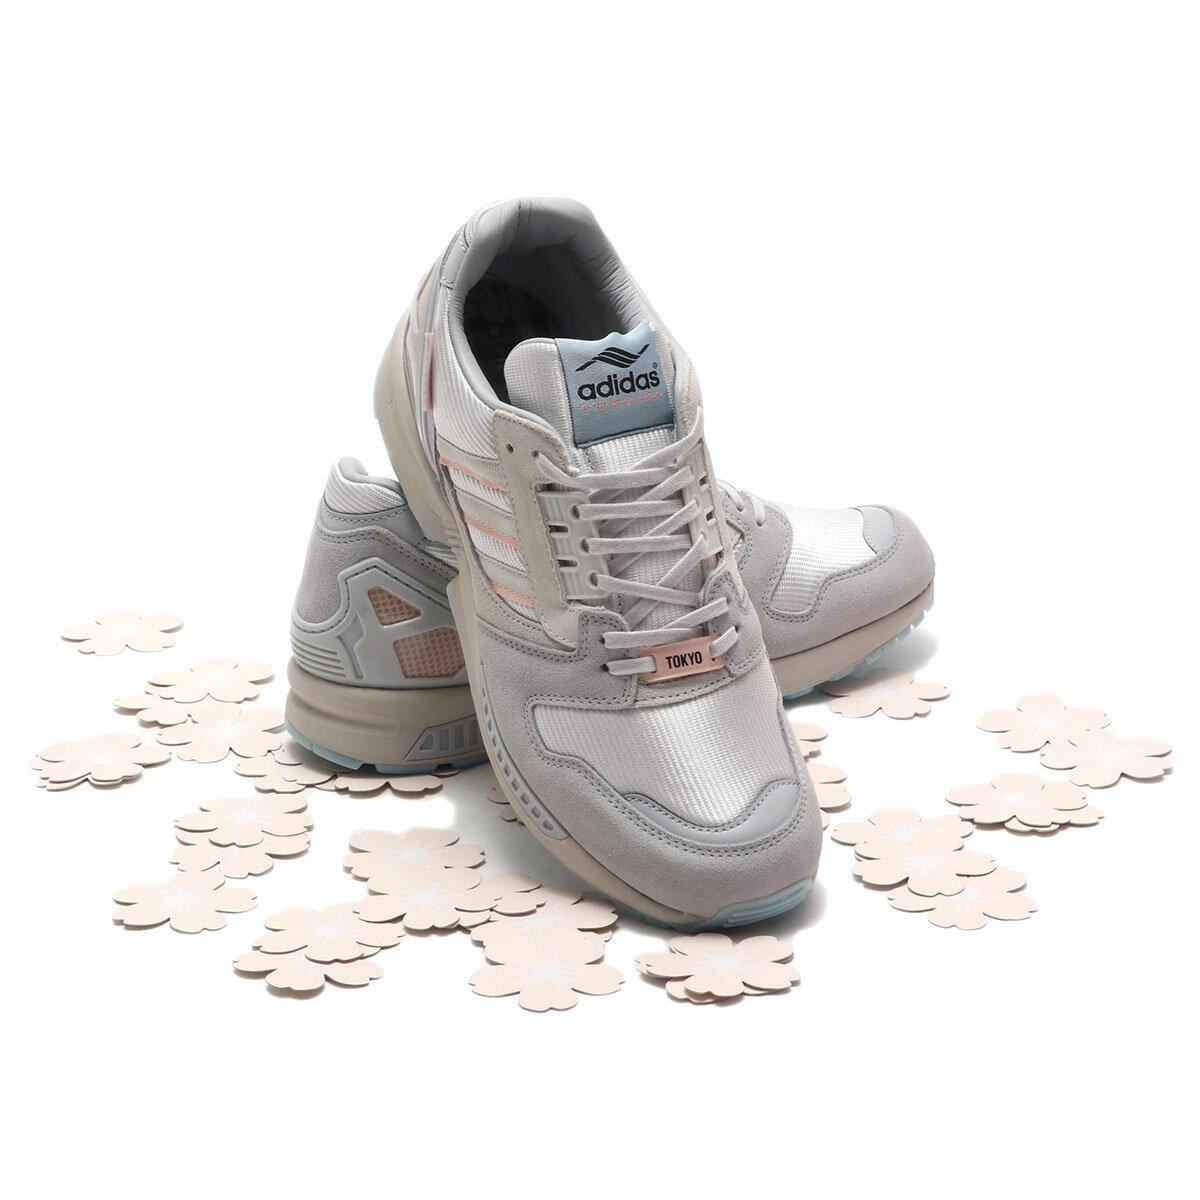 メンズ靴, スニーカー adidas ZX 8000( ZX 8000)GRAY ONEVAPOR PINKGRAY TWO 20SS-S at20-c